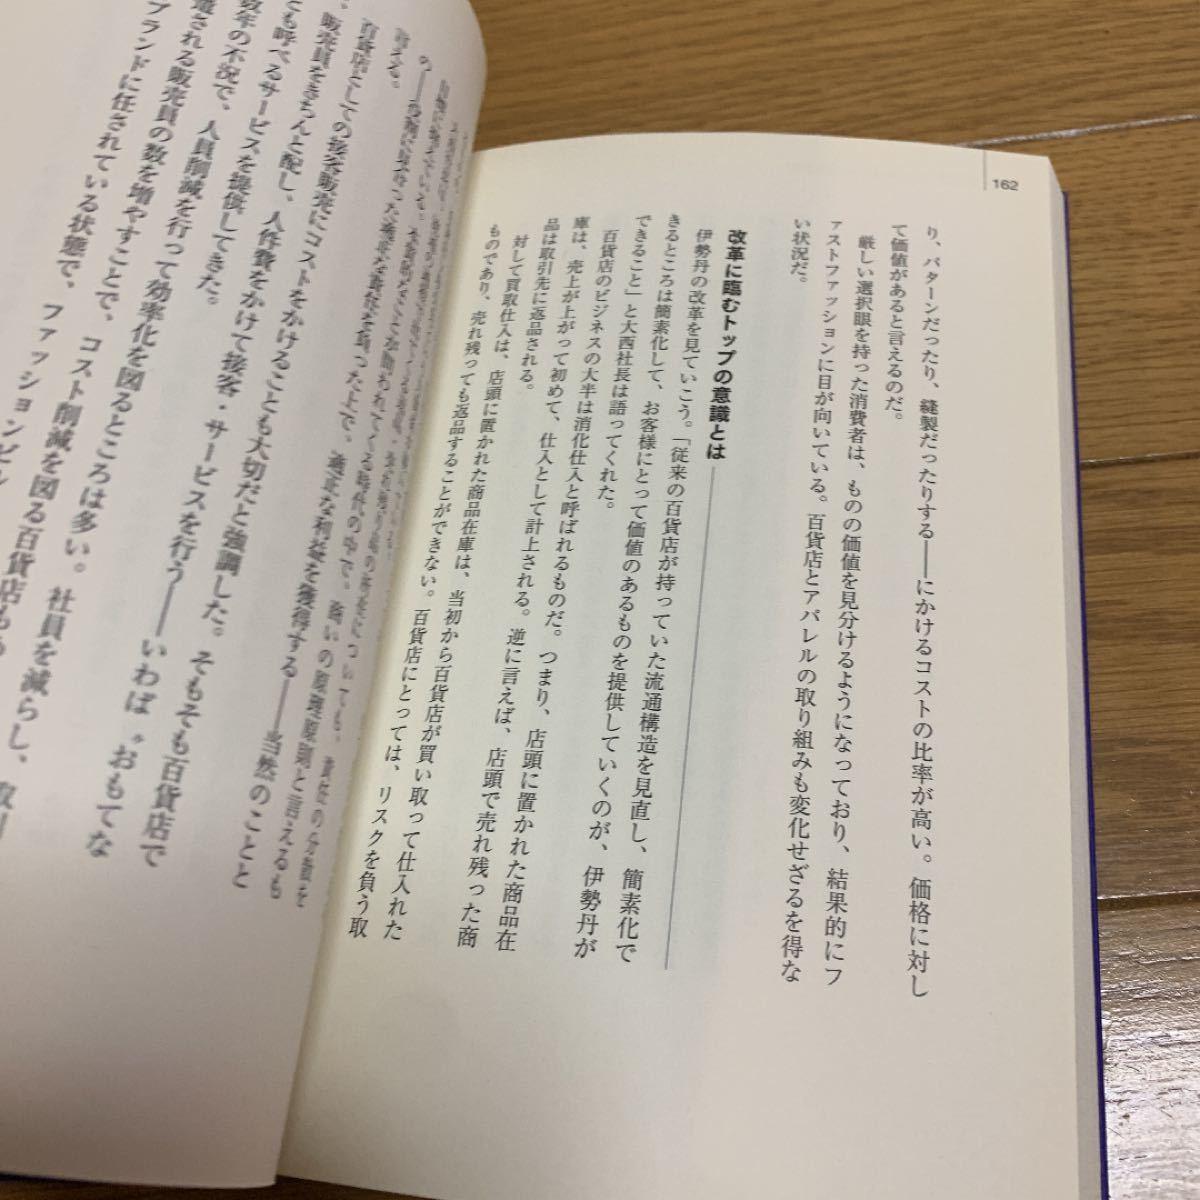 伊勢丹・ストーリー戦略 単行本 美品 ビジネス 伊勢丹 経営 戦略